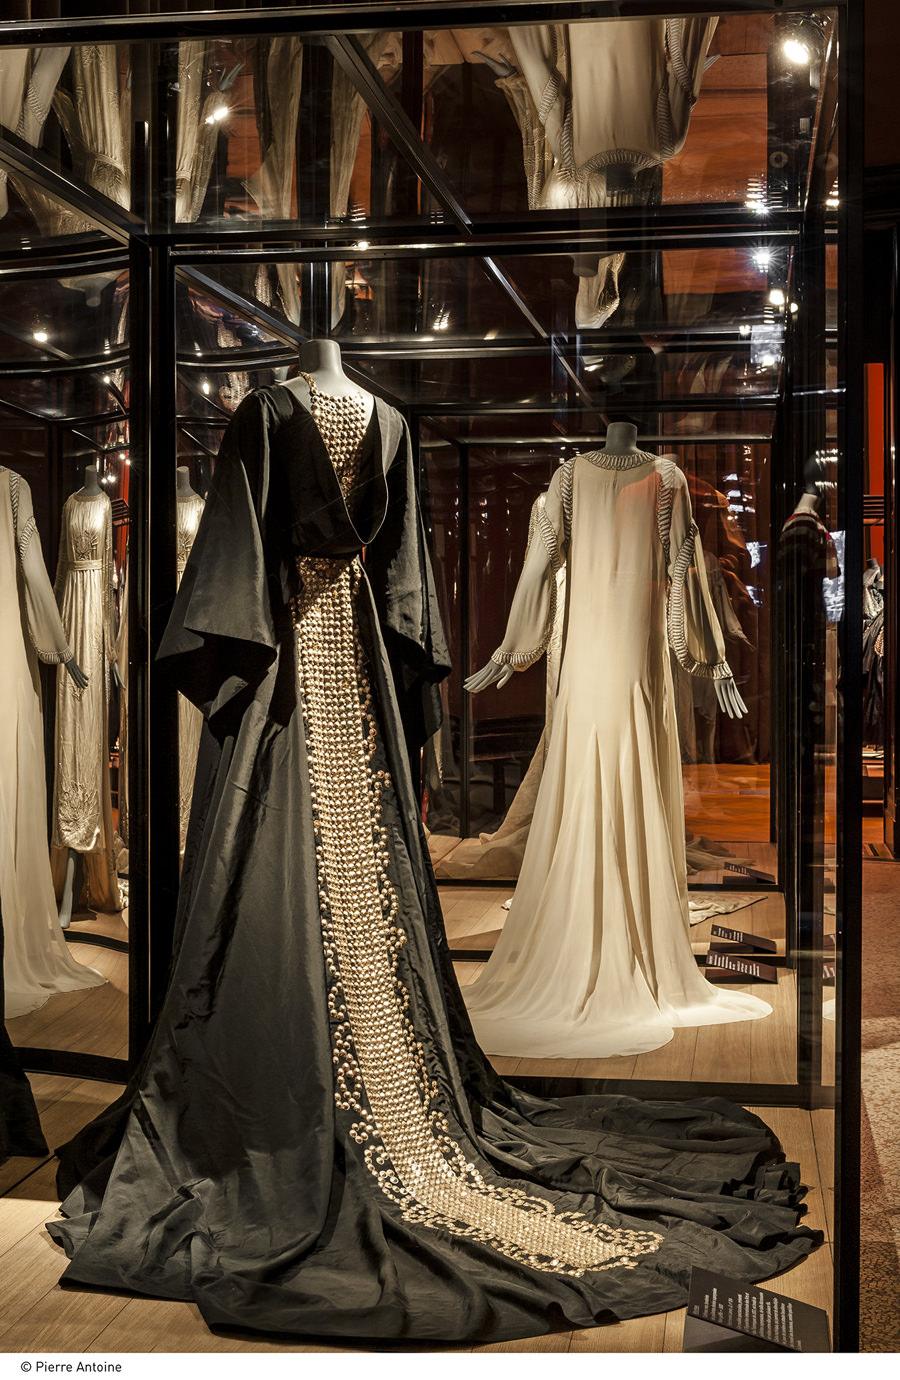 jeanne lanvin exhibition paris